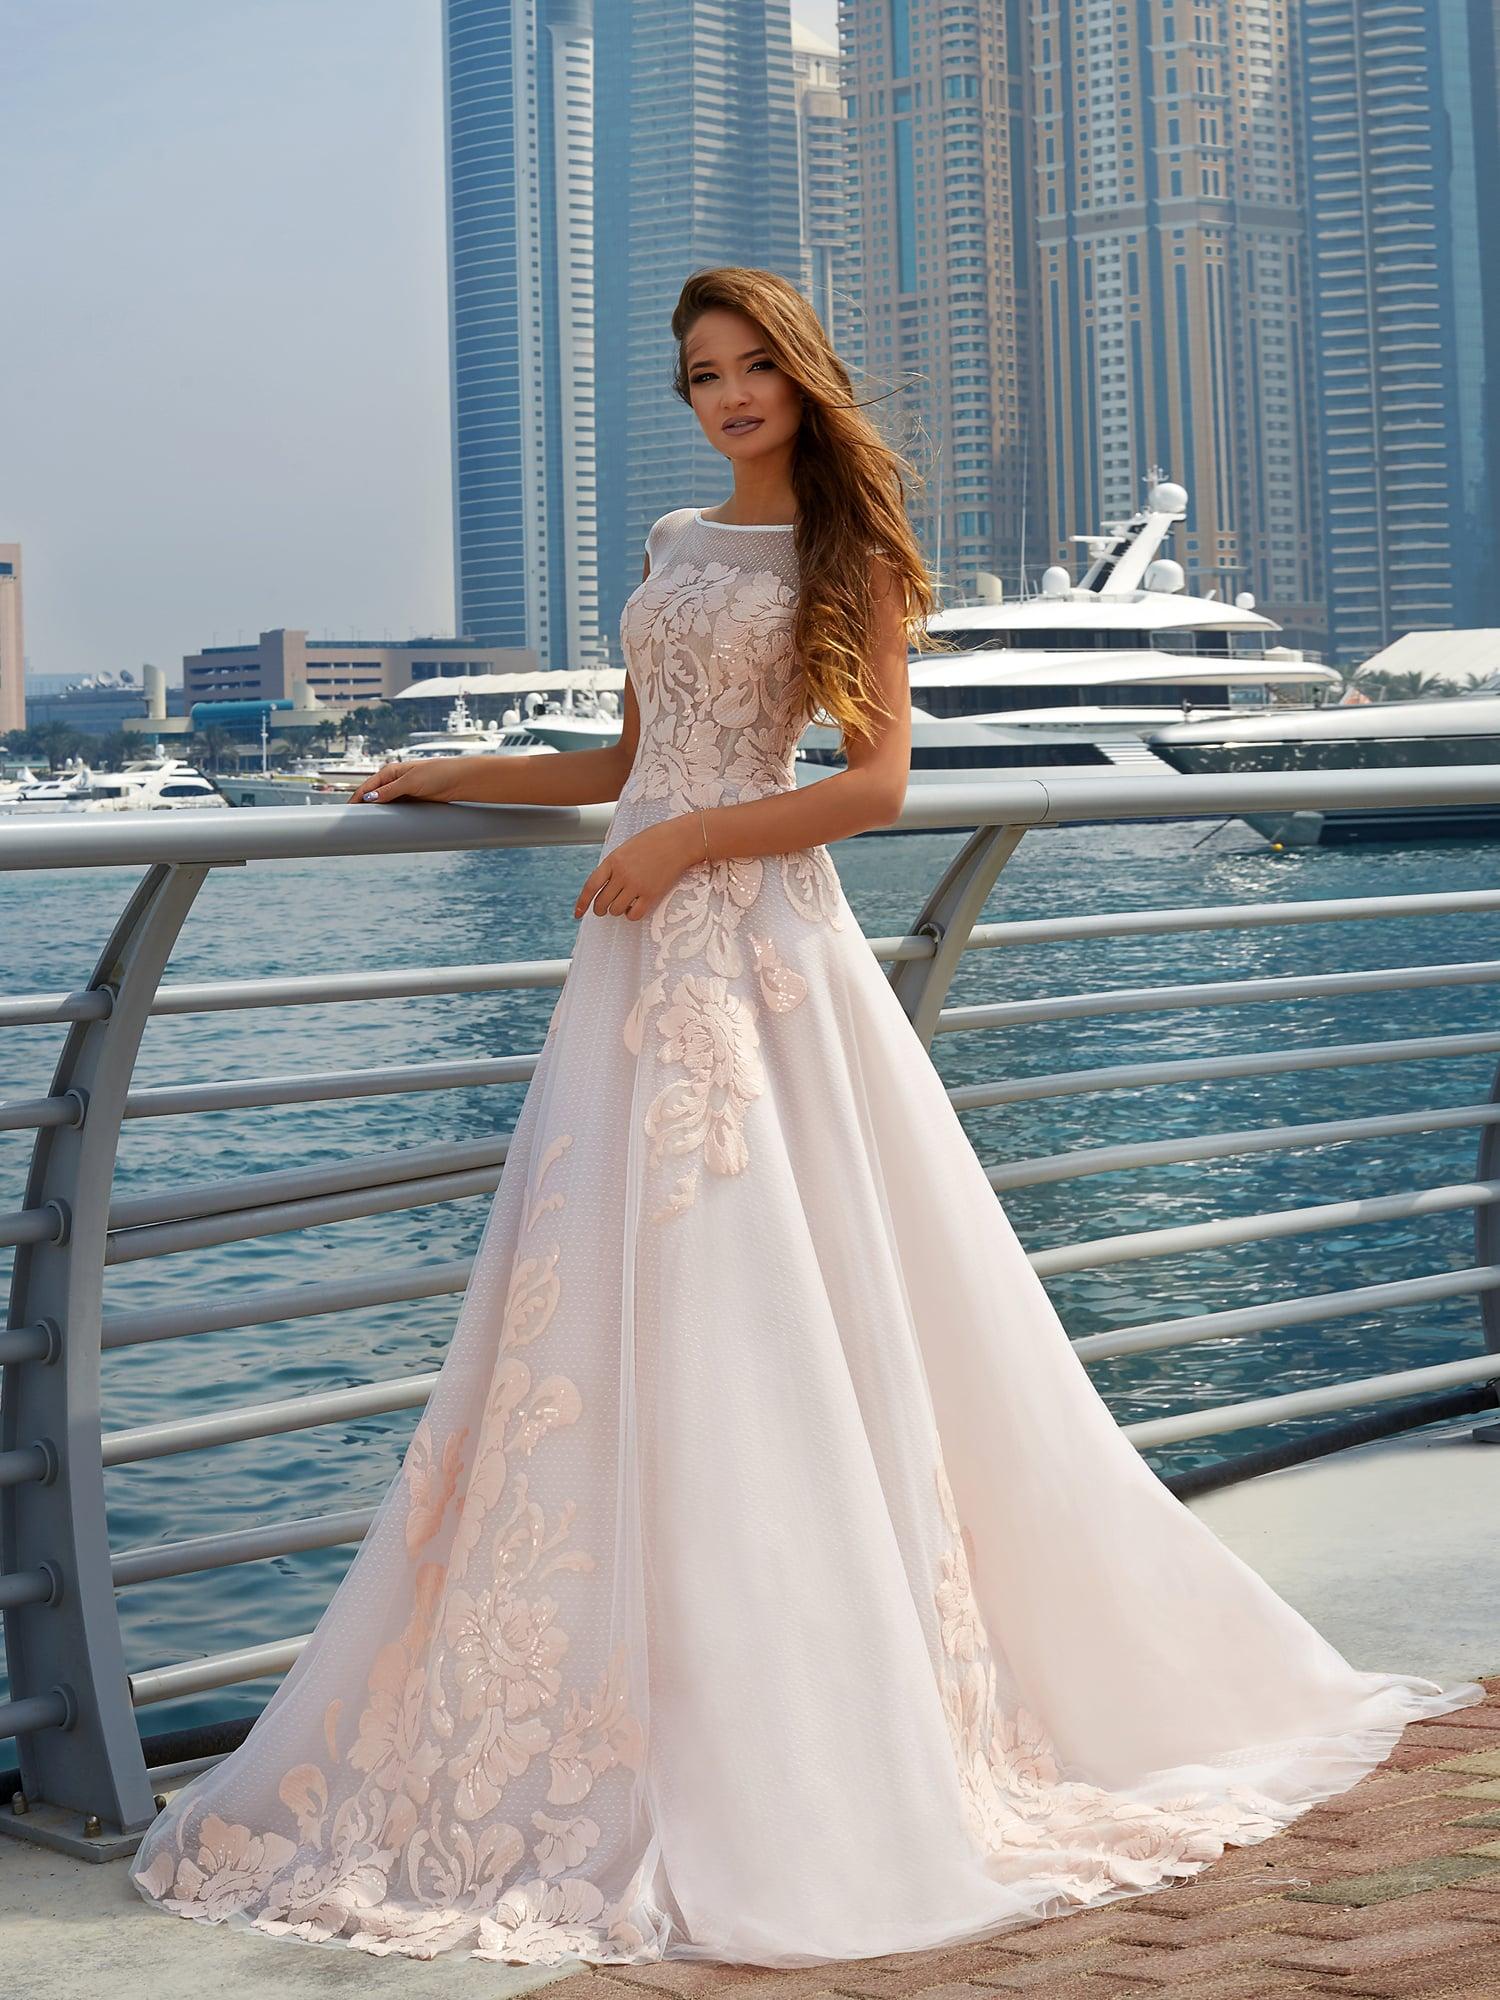 ffe230b619a Очаровательное свадебное платье белого цвета с розовой отделкой по юбке и  лифу.